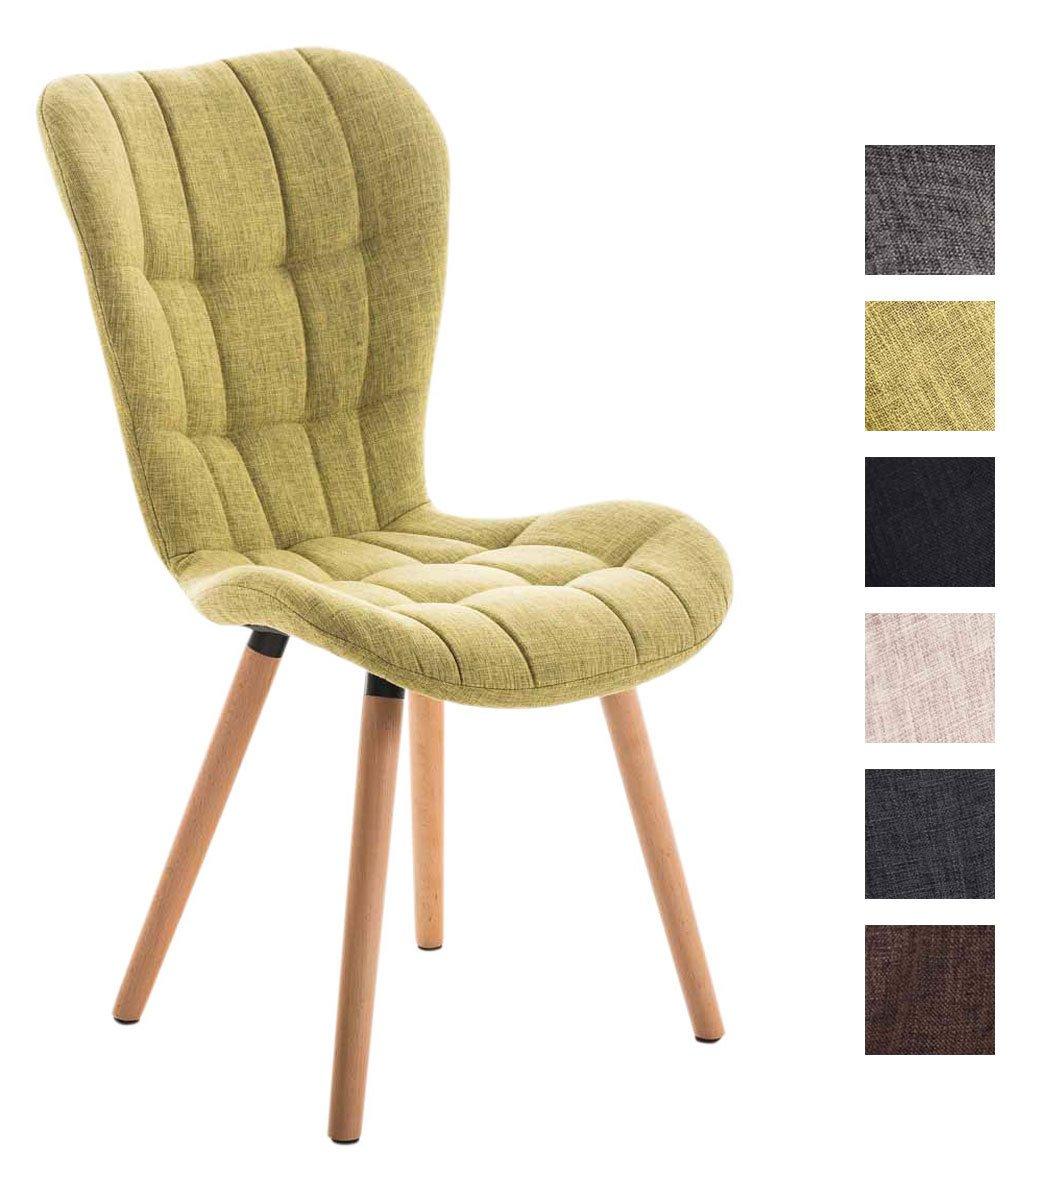 Außergewöhnlich Hochwertige Esszimmerstühle Beste Wahl Clp Esszimmerstuhl Elda Mit Hochwertiger Polsterung Und